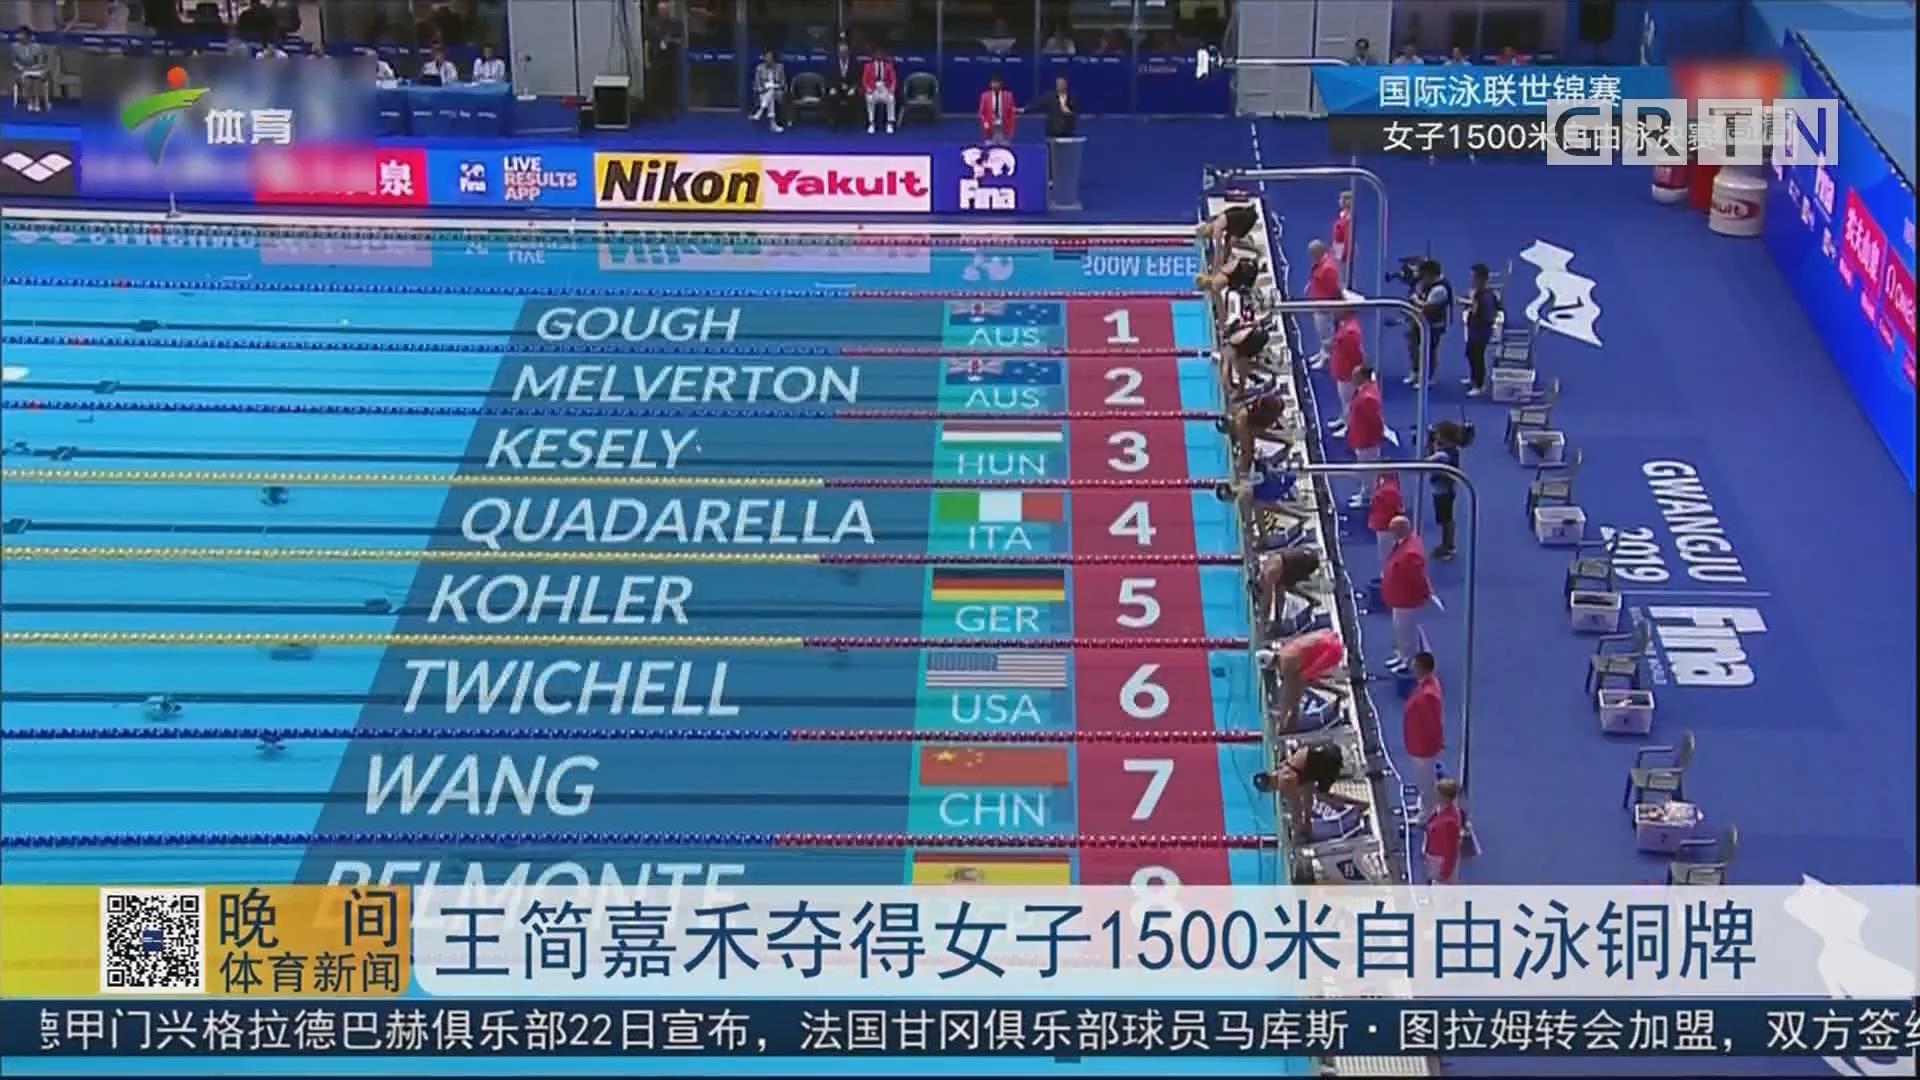 王简嘉禾夺得女子1500米自由泳铜牌